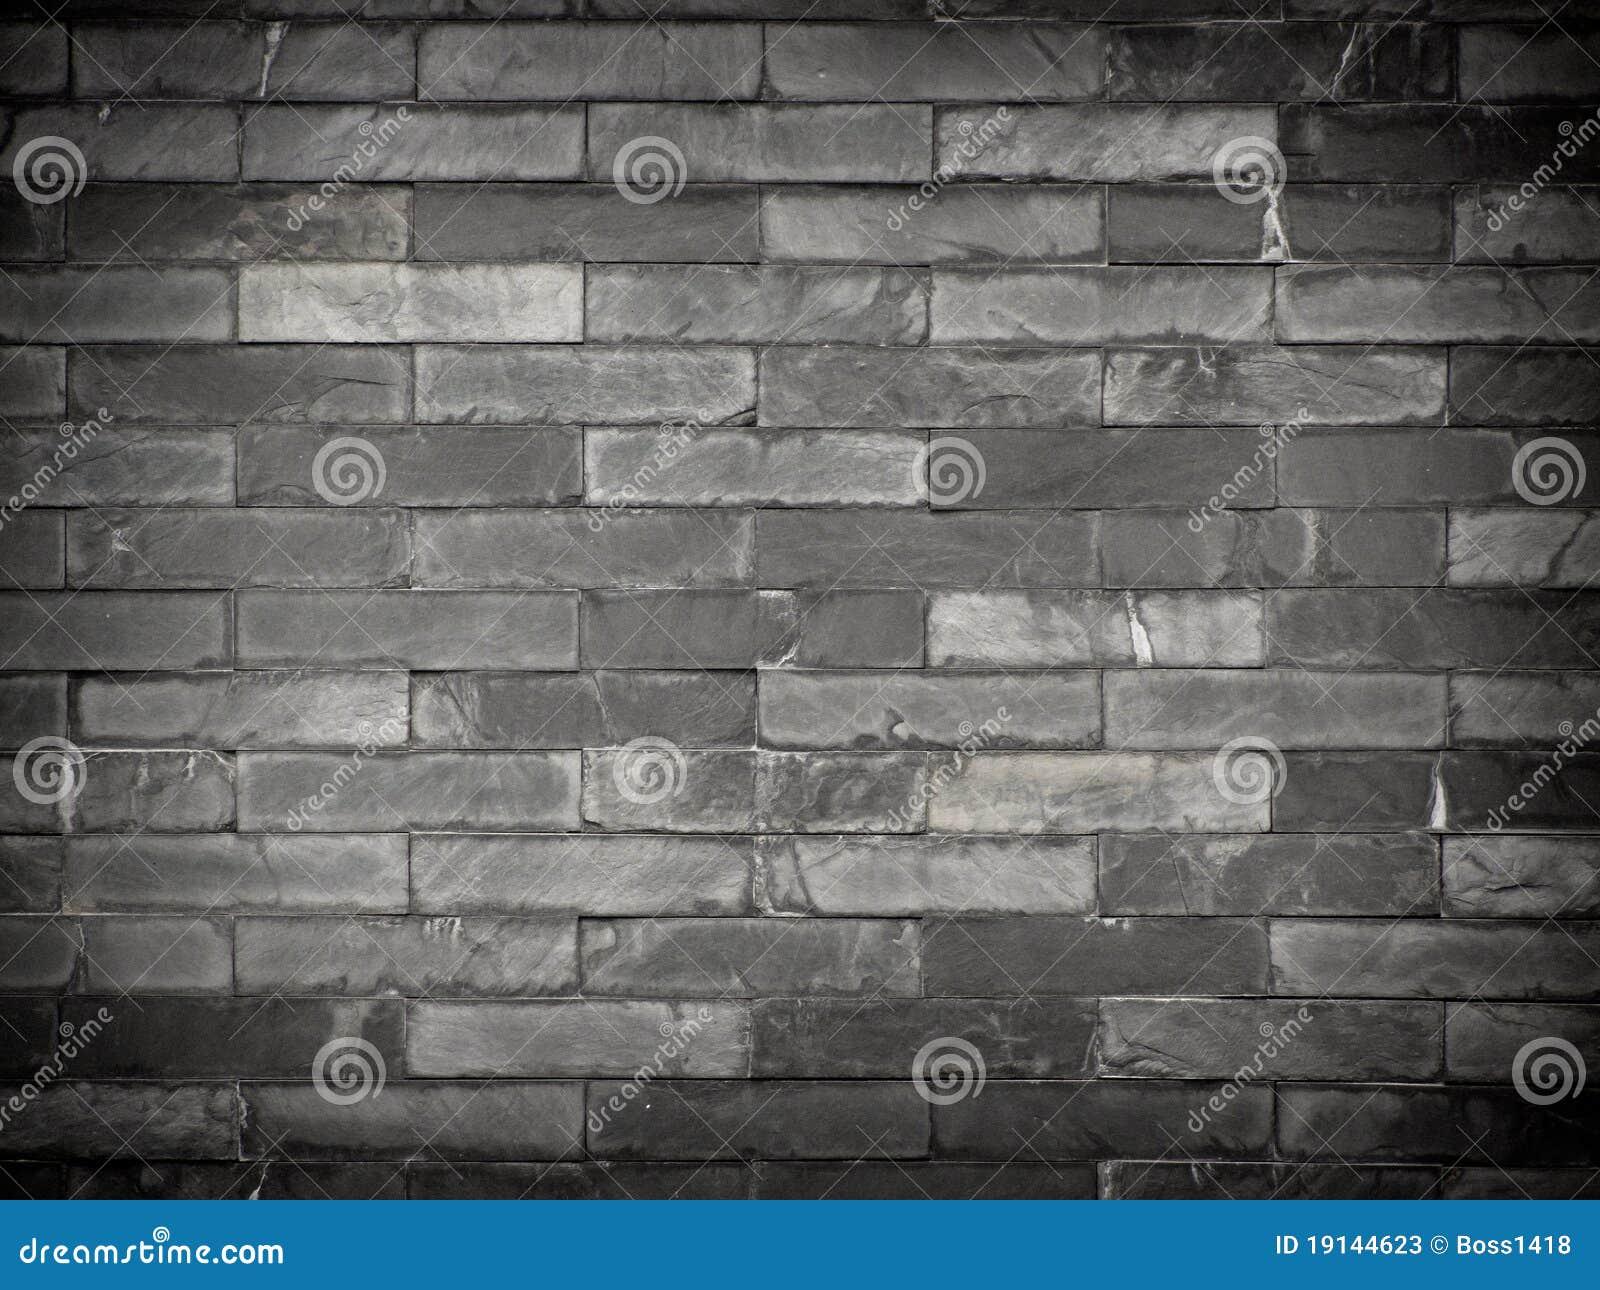 zwarte stenen muur achtergrond - photo #13